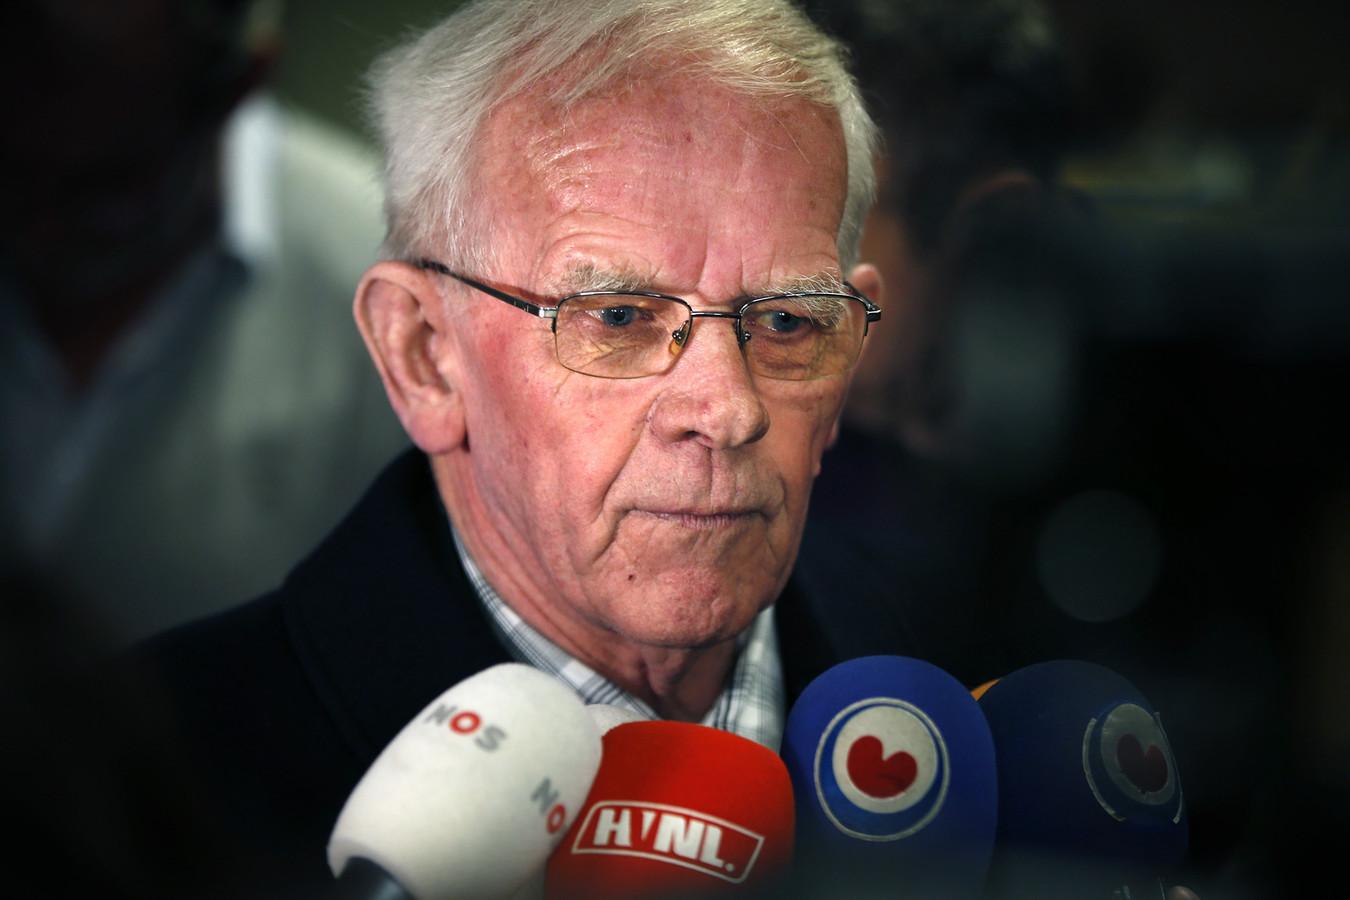 Bauke Vaatstra, de vader van de vermoorde Marianne Vaatstra.